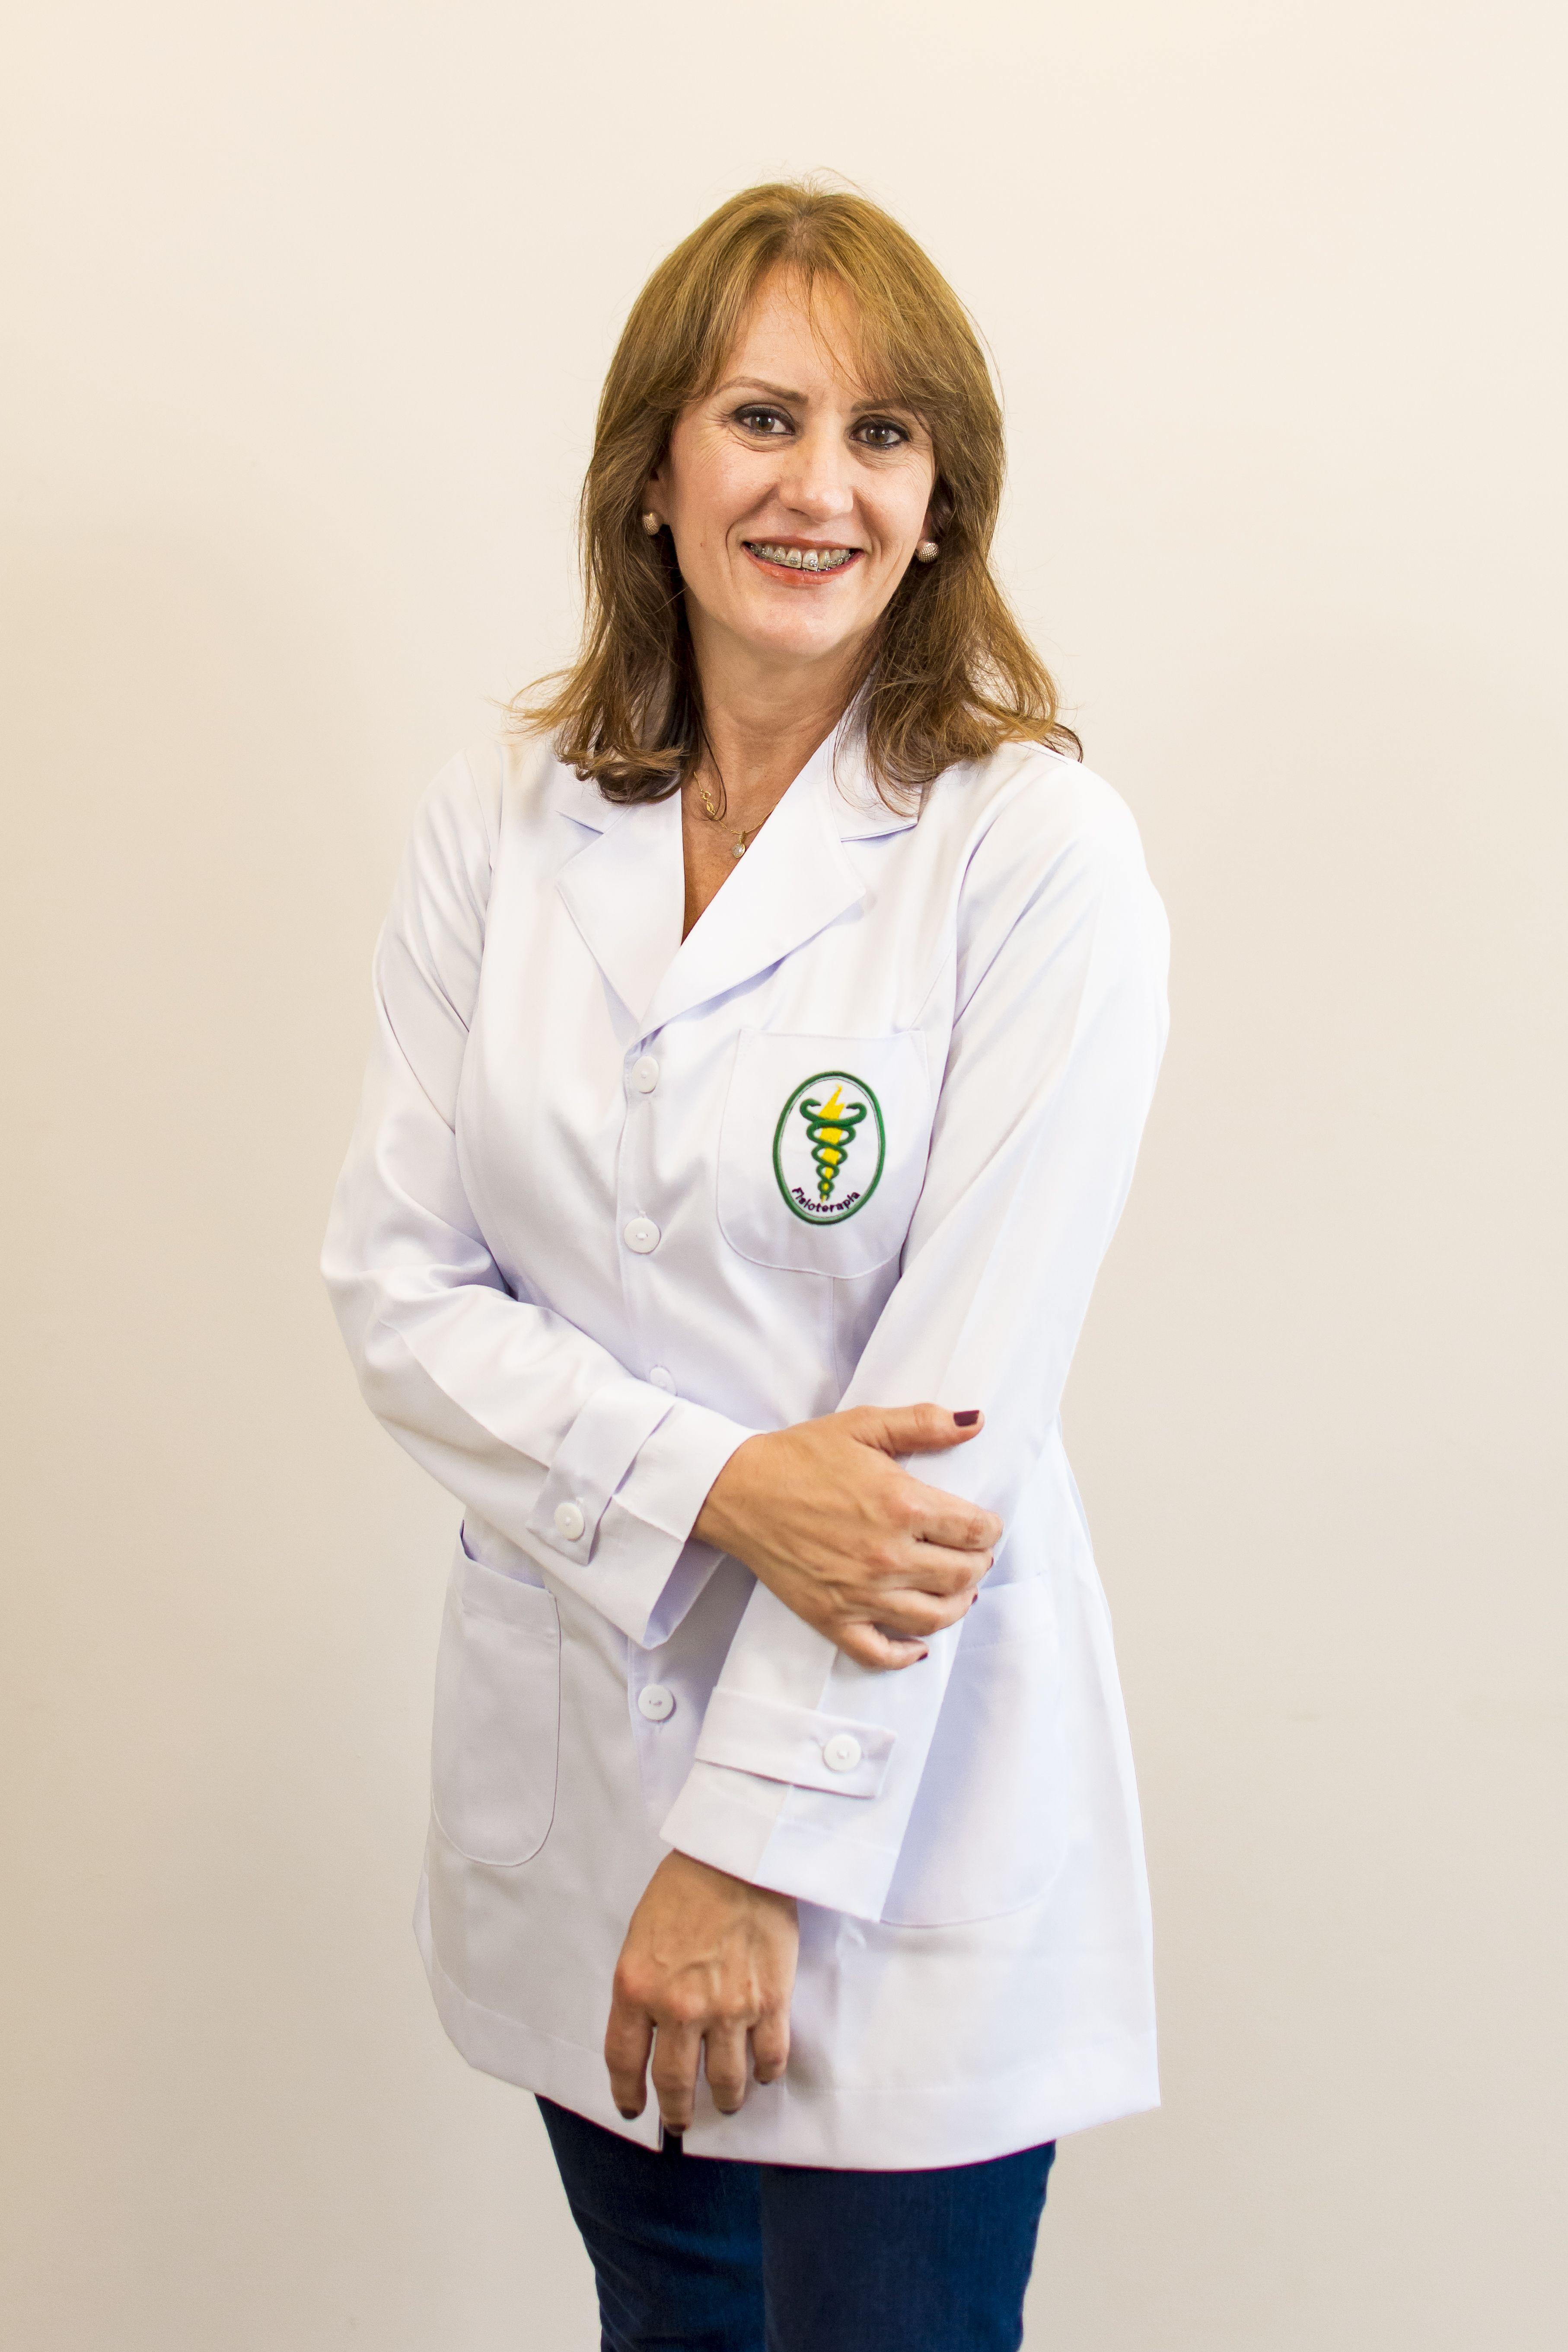 Dra. Rosangela Bayer